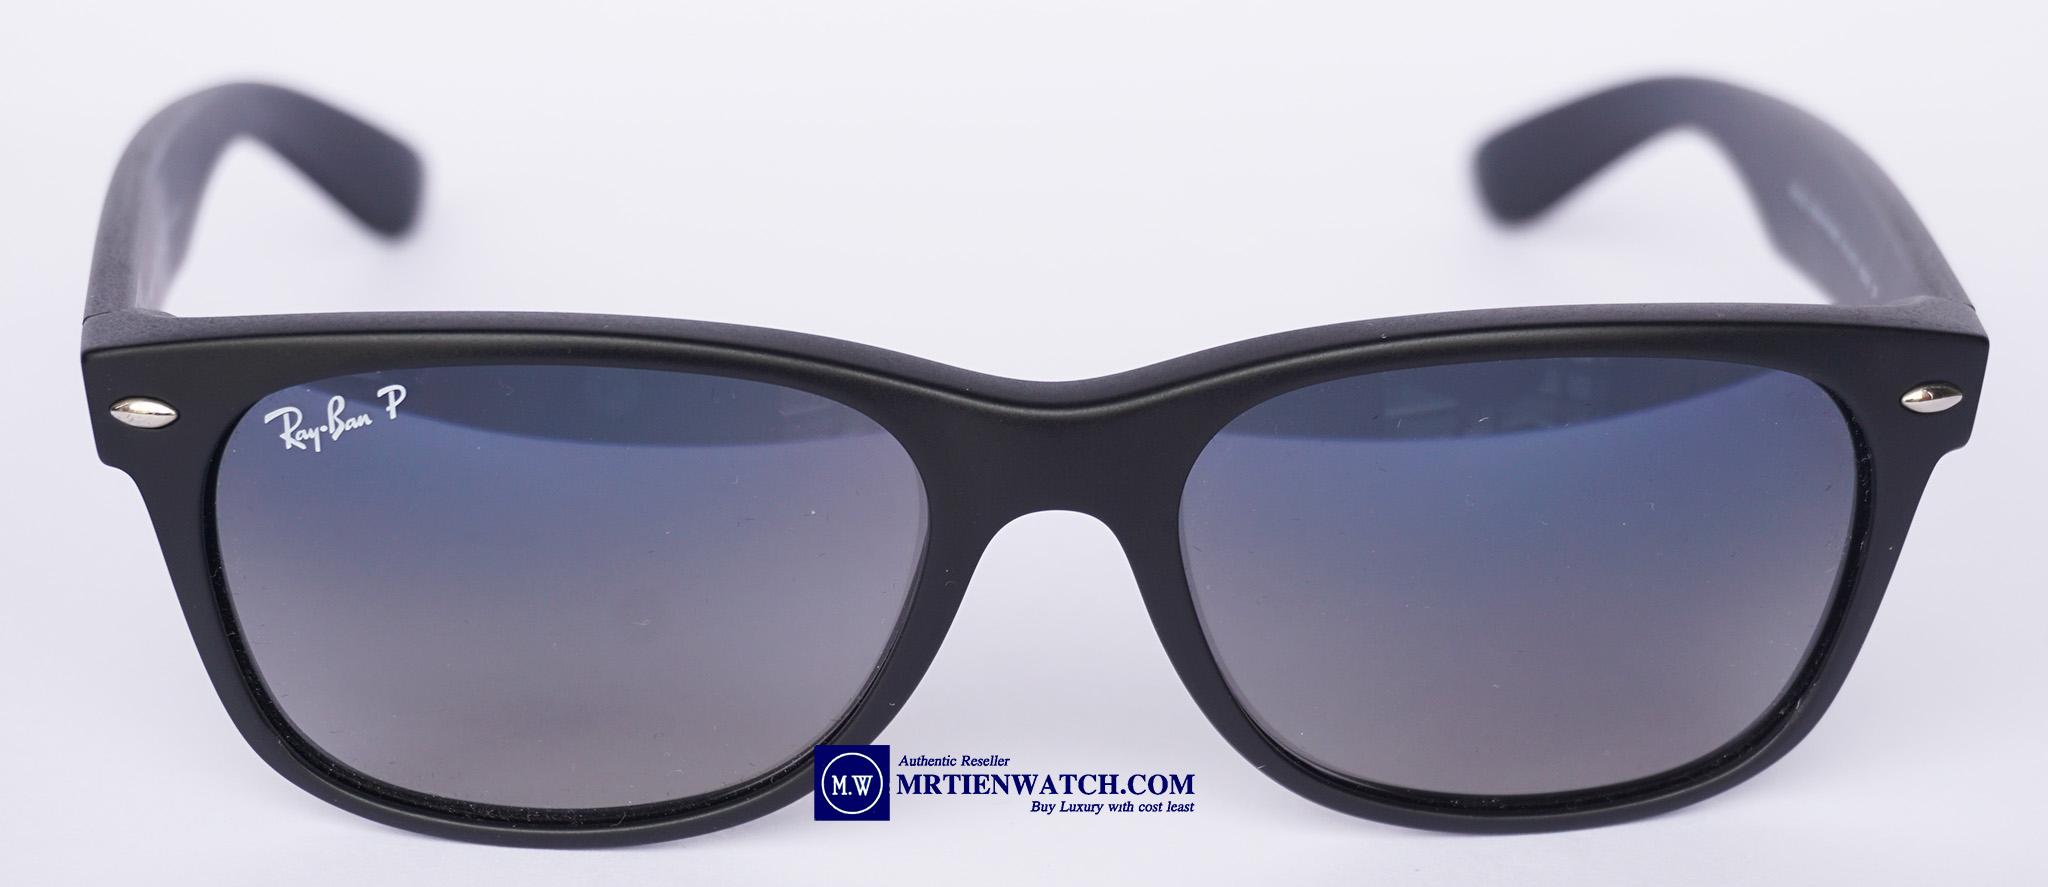 90d186d9a4 Ray-Ban new wayfarer Polarized matte black blue gradient